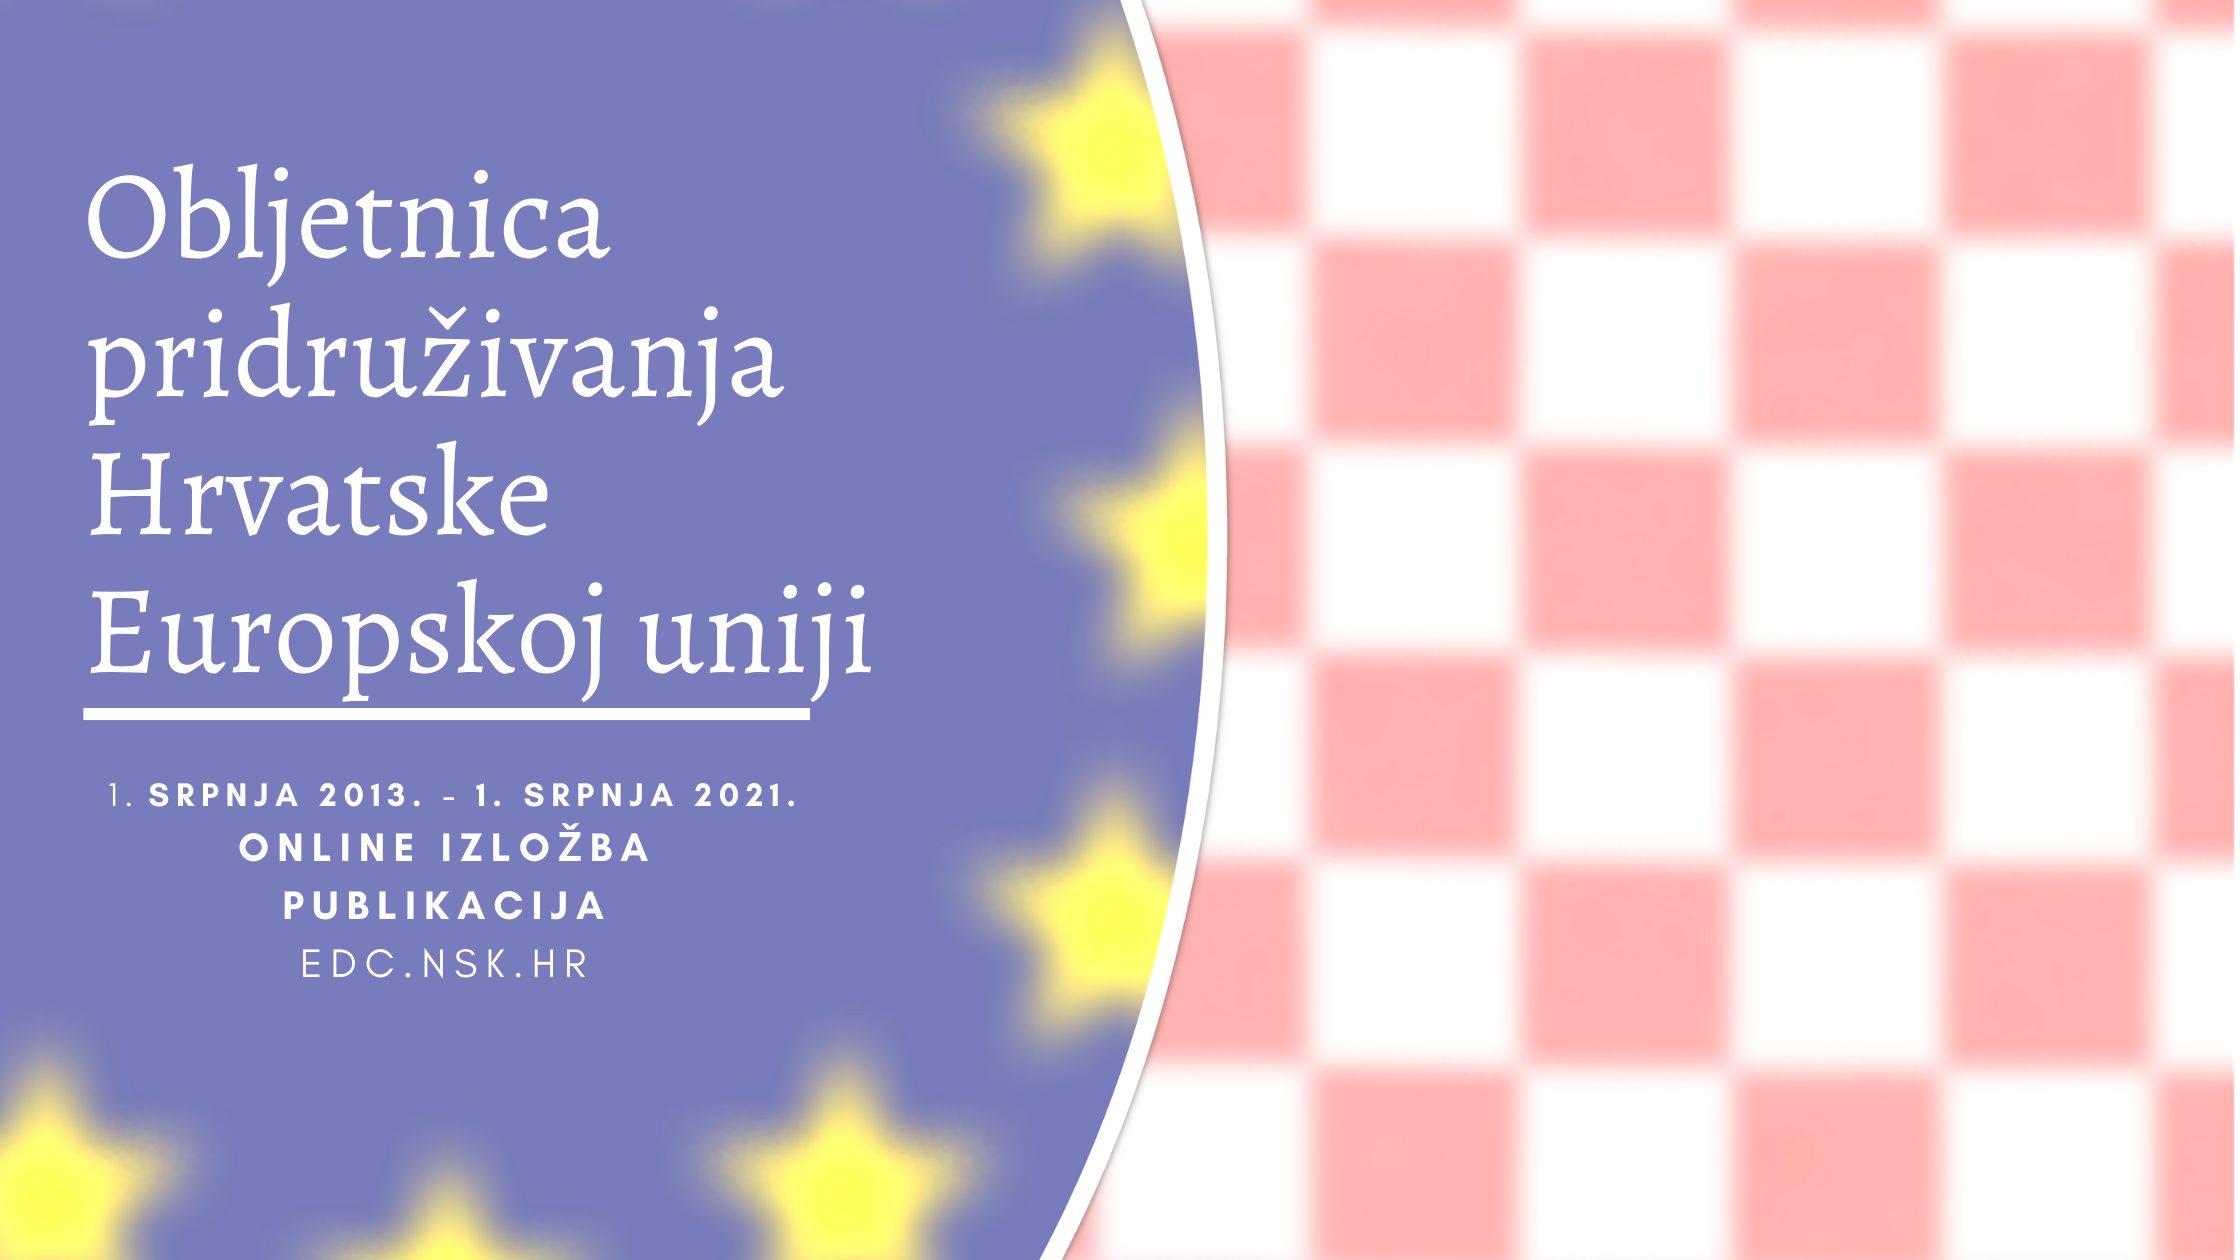 Osma obljetnica pridruživanja Hrvatske Europskoj uniji.